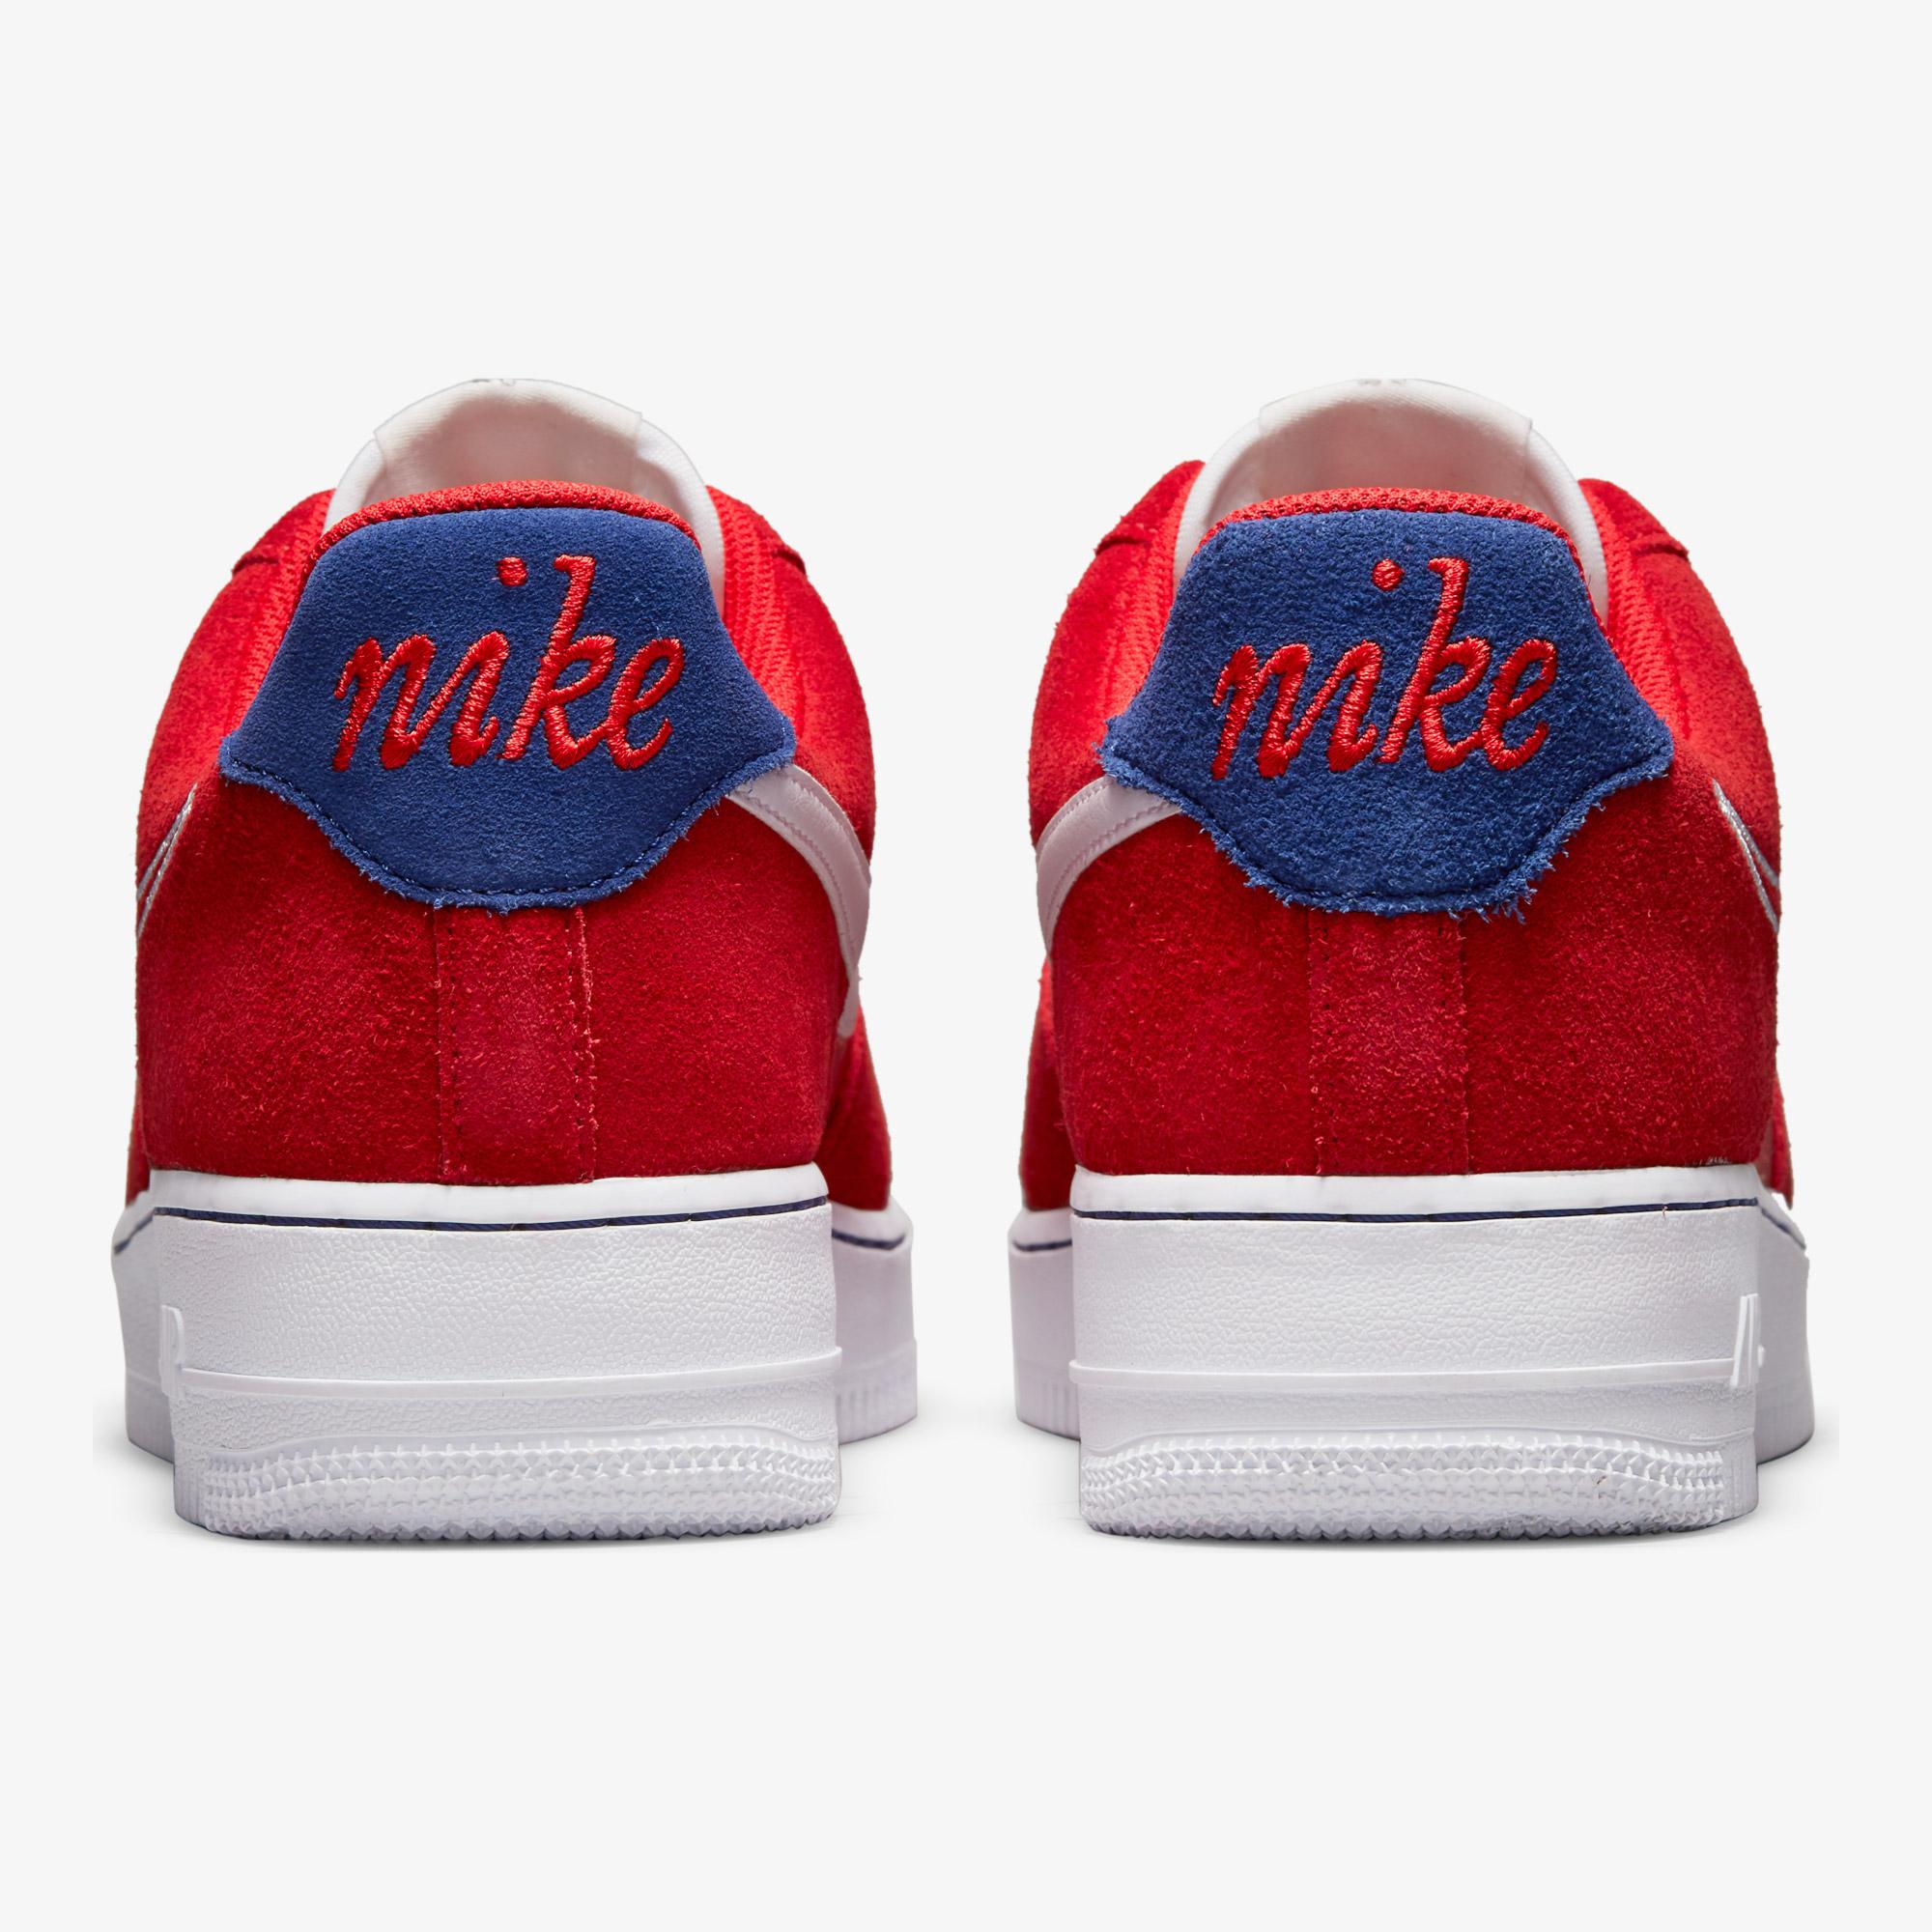 Nike Air Force 1 '07 Lv8 Erkek Kırmızı Spor Ayakkabı